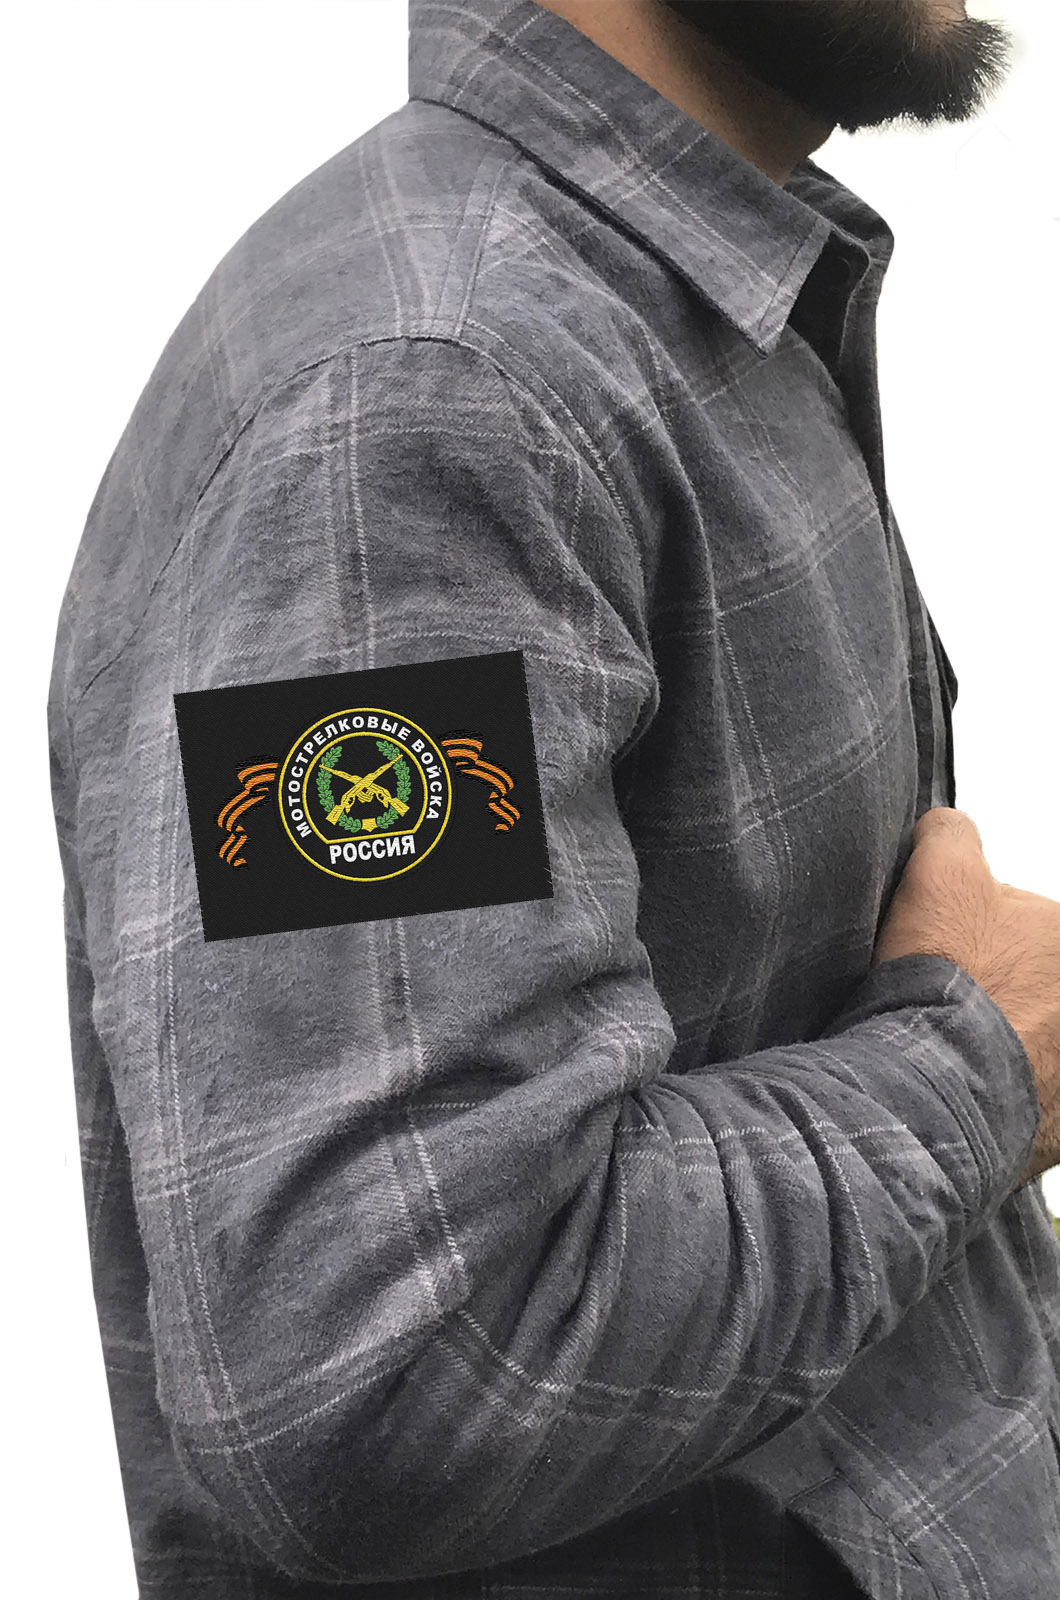 Мужская серая рубашка с вышитым шевроном Мотострелковые Войска - купить с доставкой